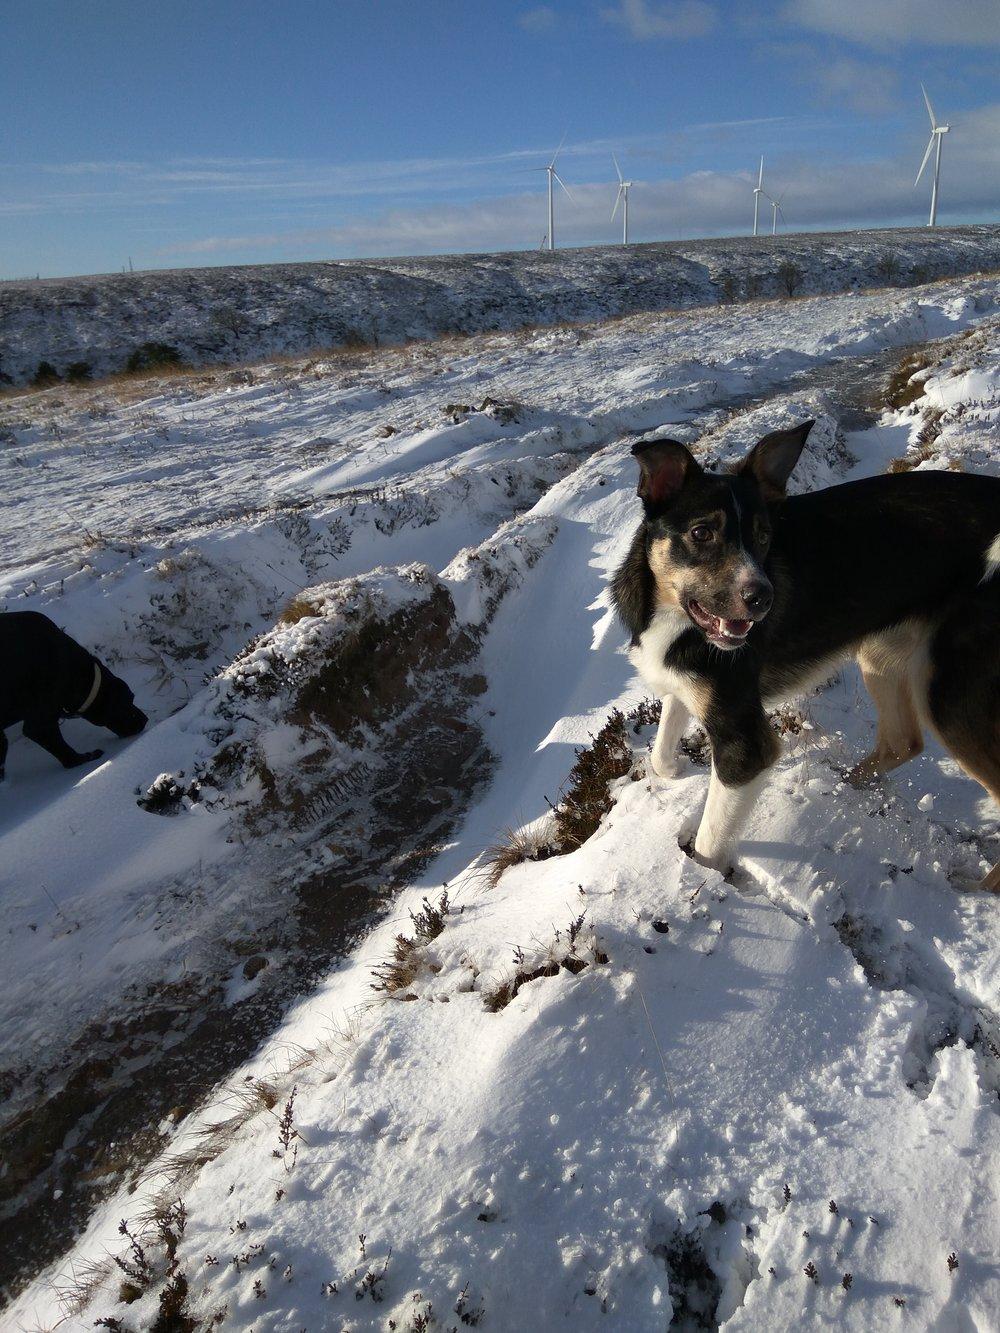 snowy dog walk at Ogden